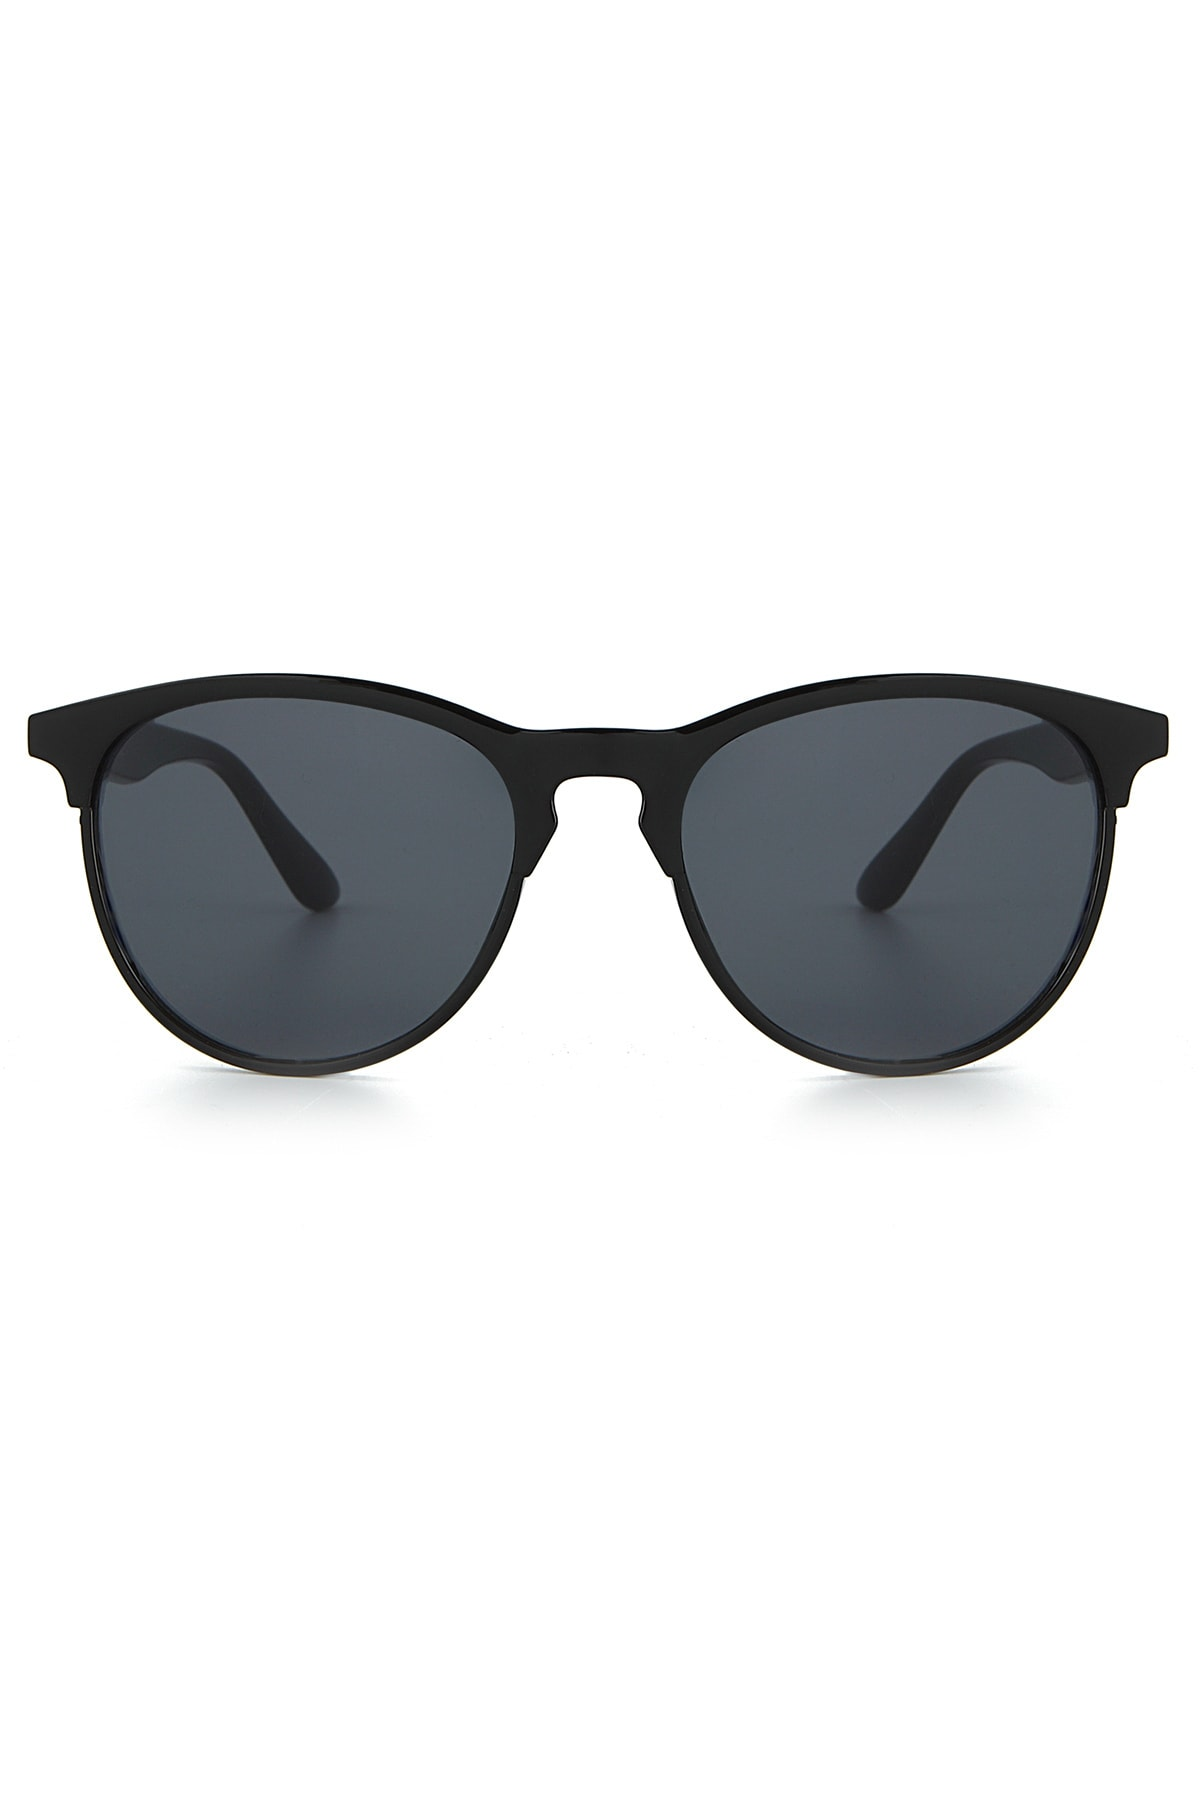 Unisex Güneş Gözlüğü Apsn001301